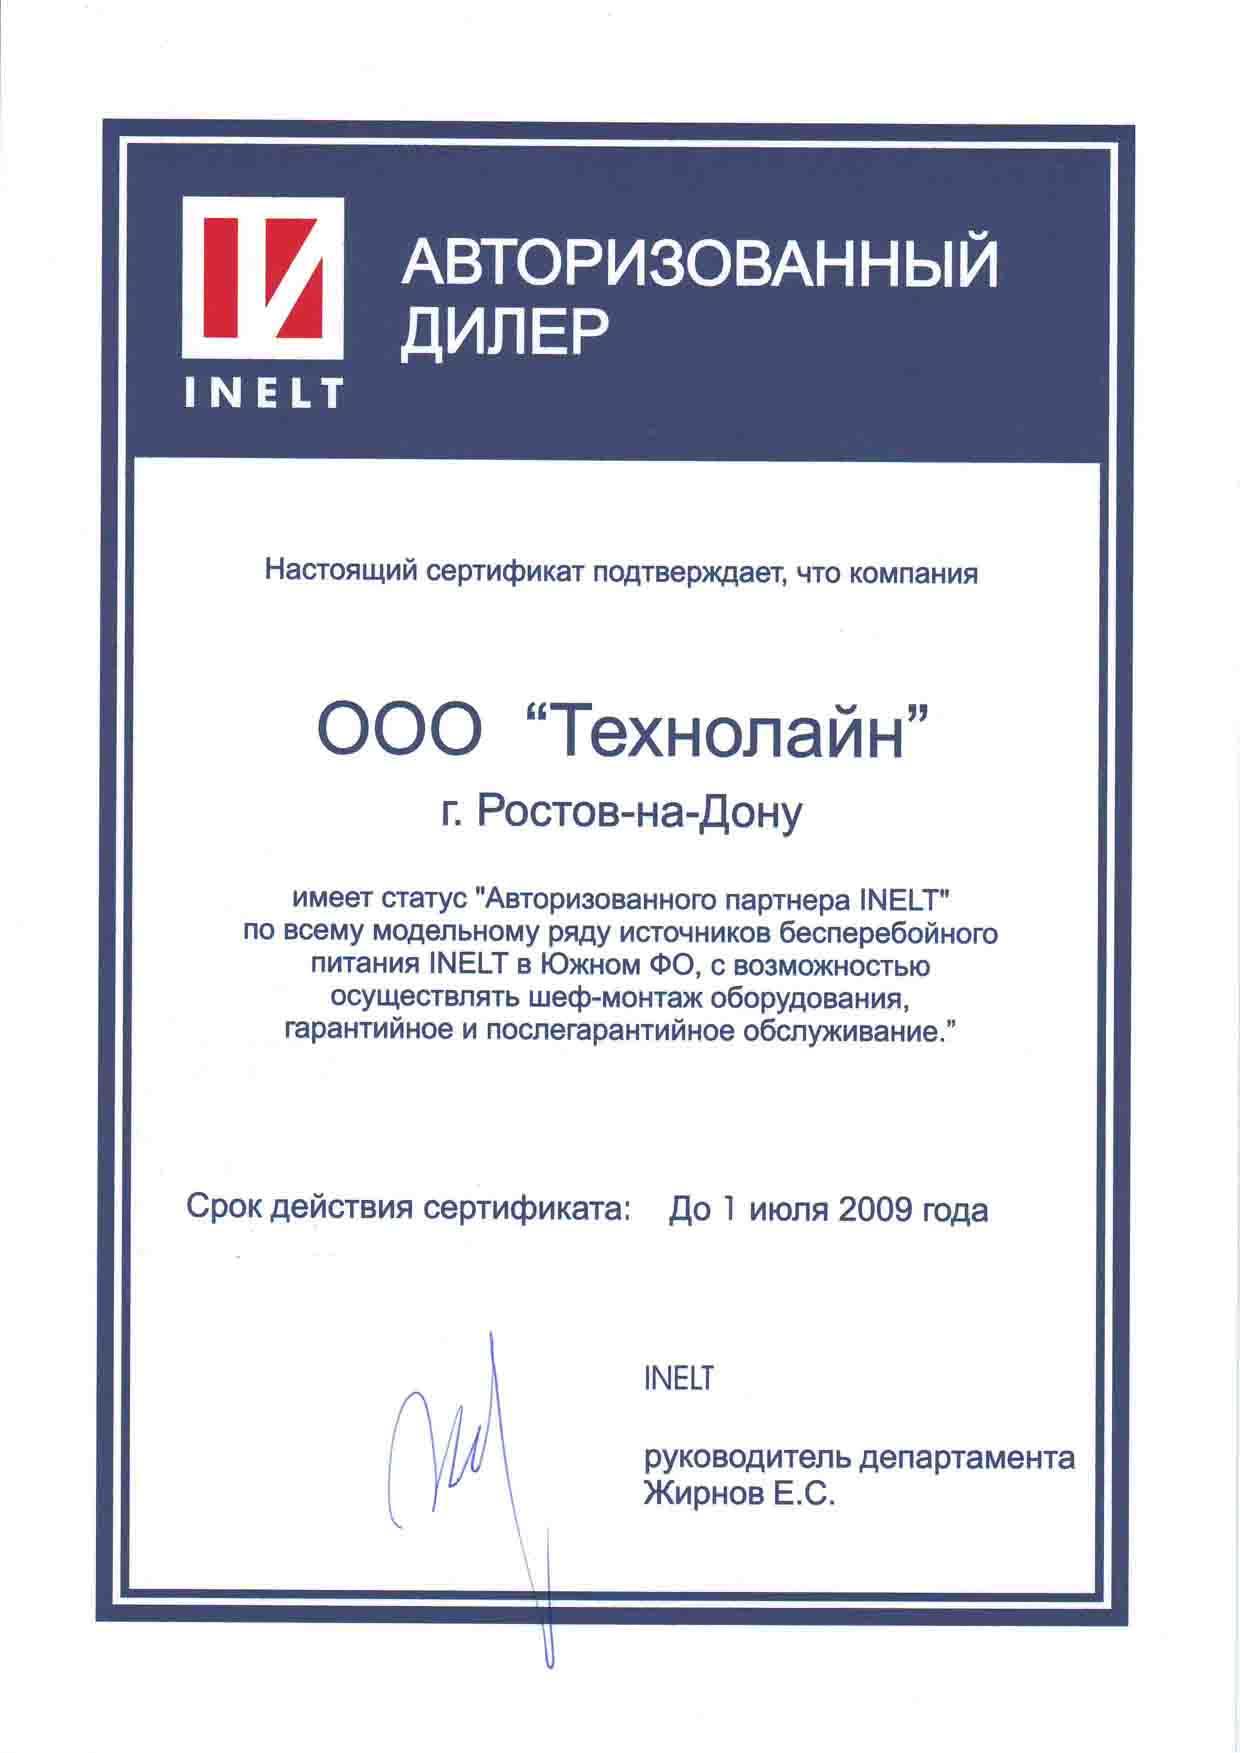 Технолайн стал авторизированным партнером INELT